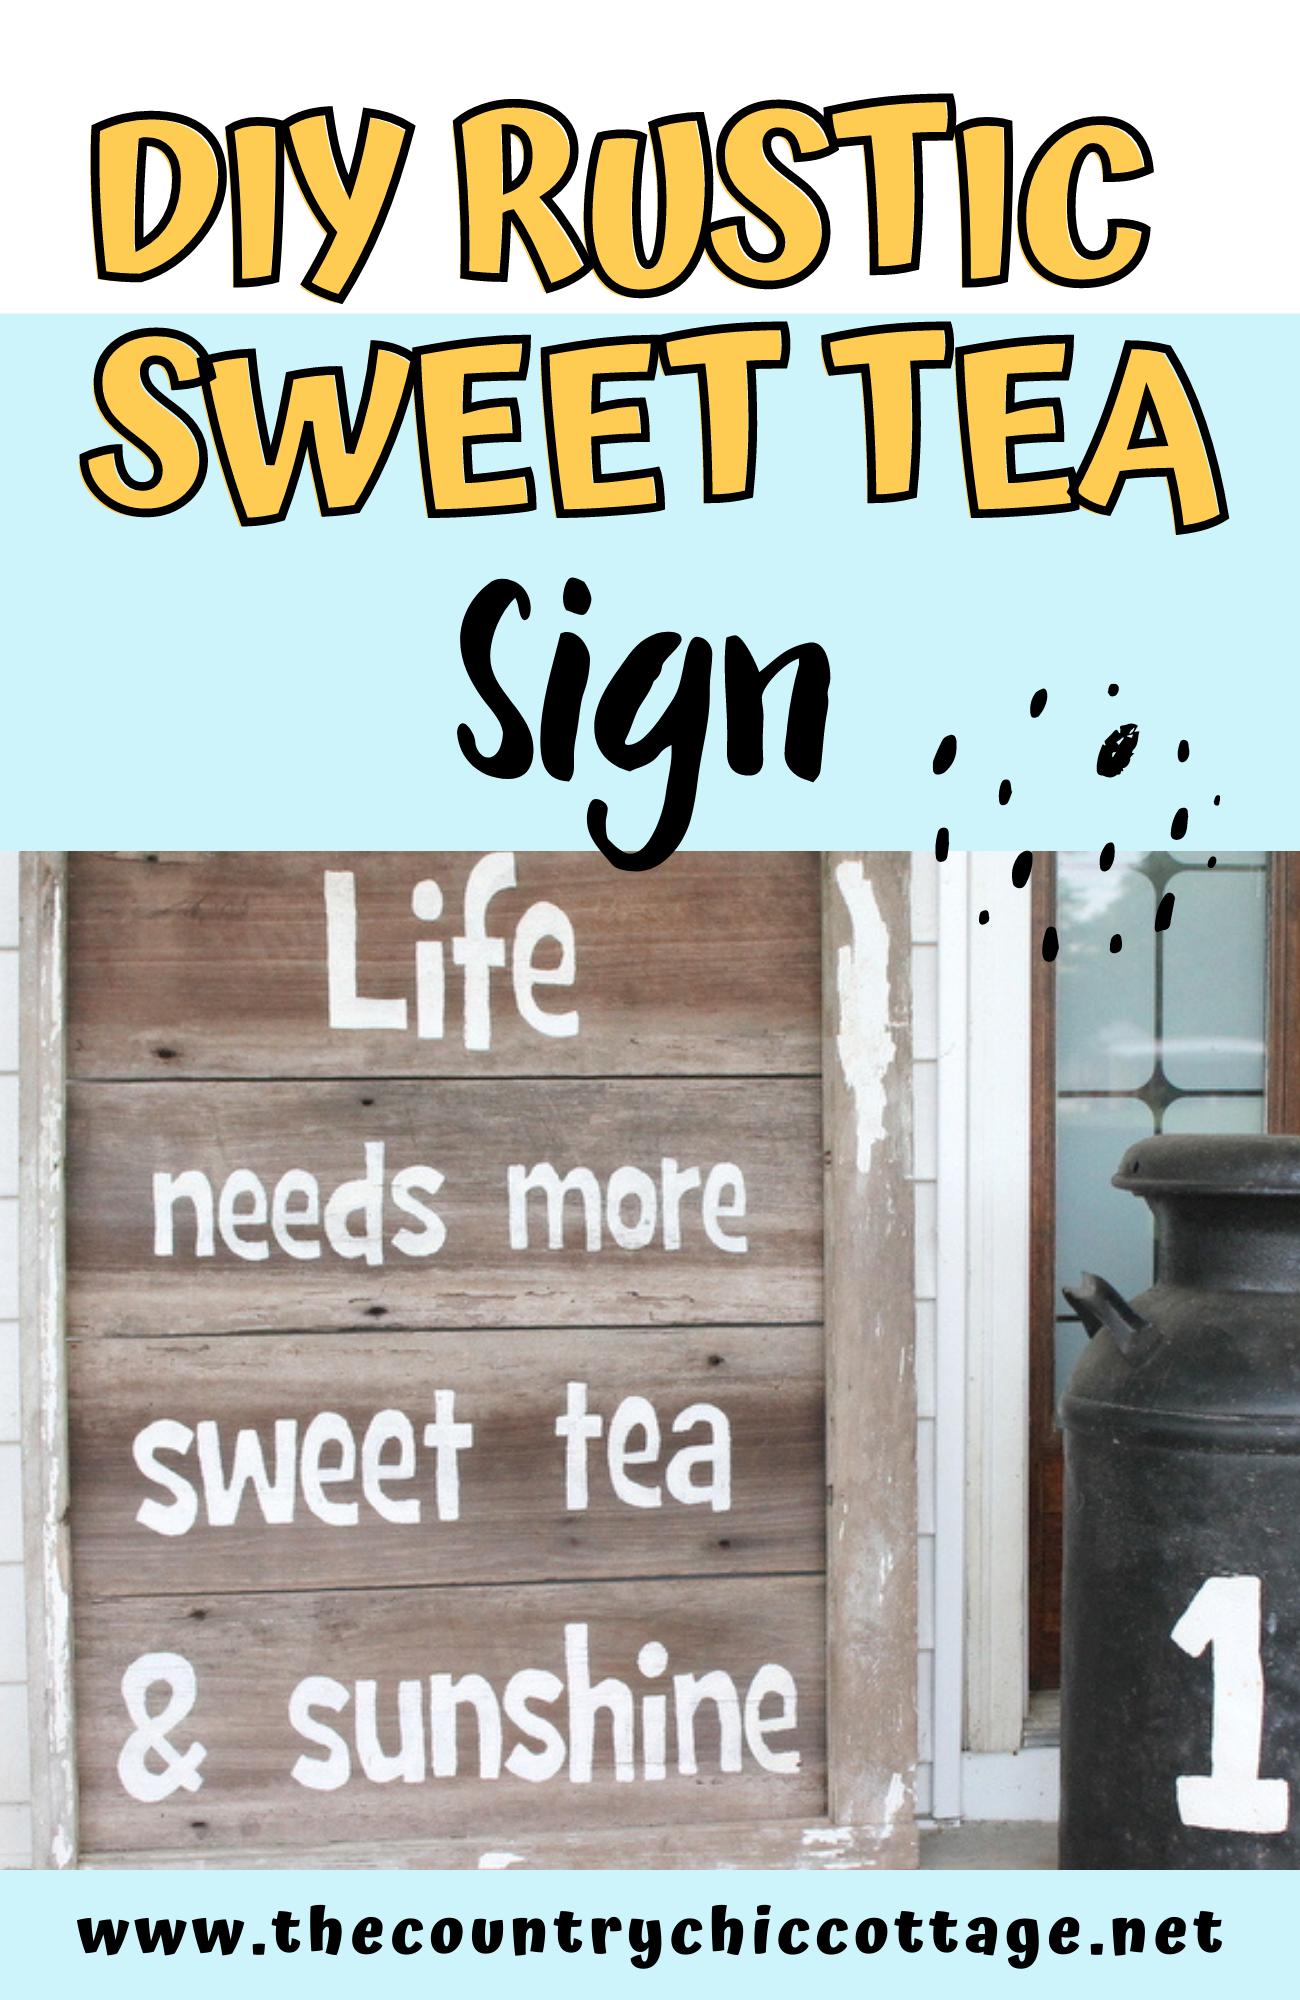 di rustic sweet tea sign